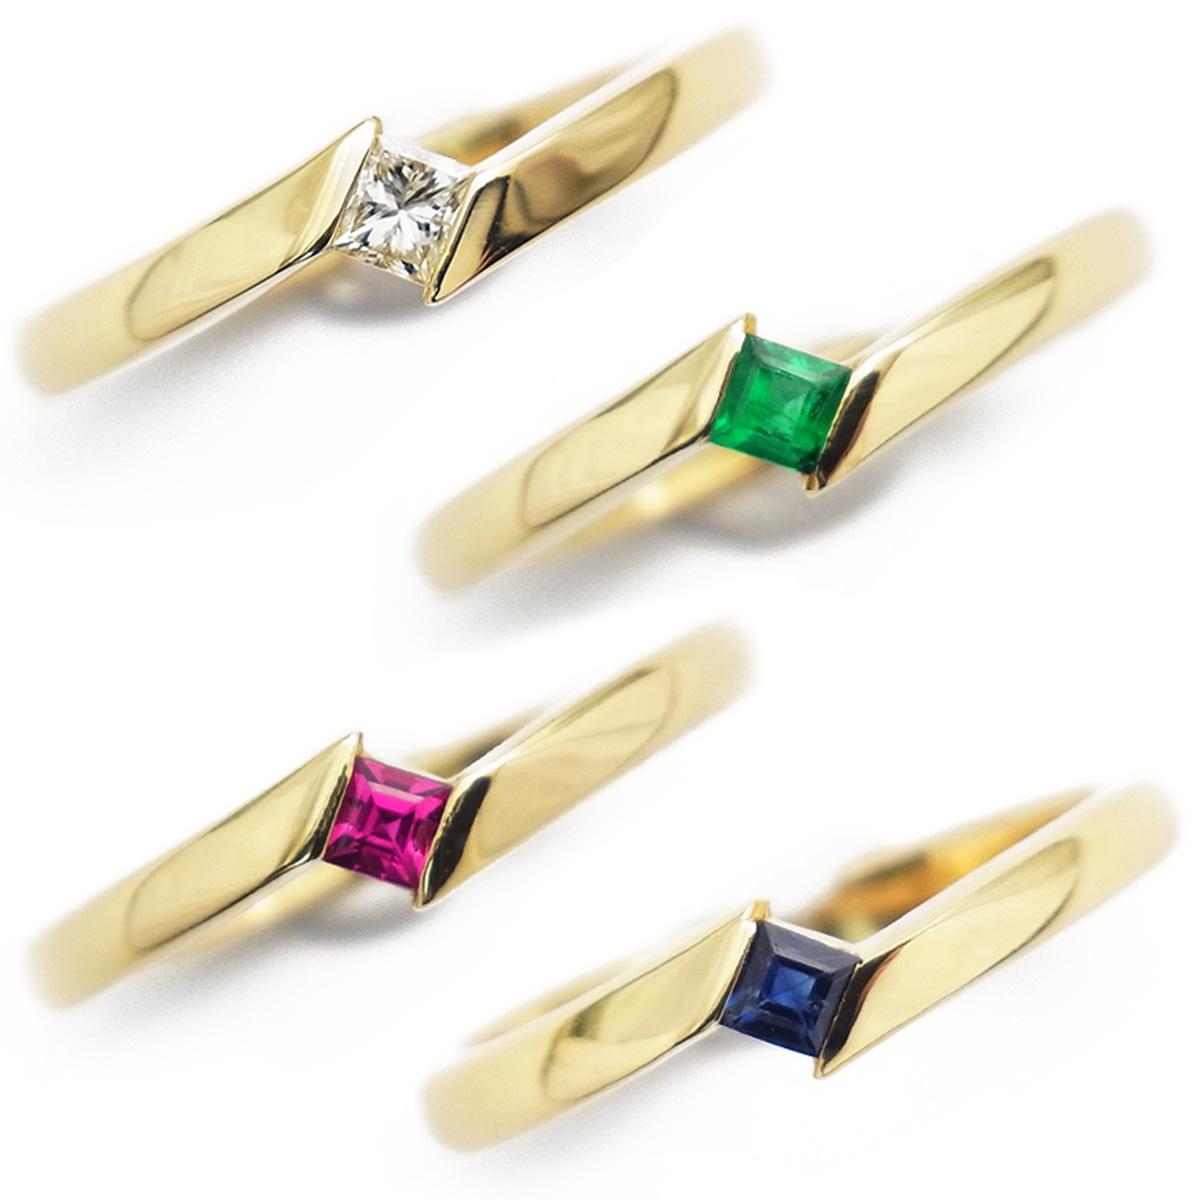 【ご注文確認後3%OFF】ダイヤモンド リング 0.08ct~ VS~SI-E~H-プリンセスカット/ステップカット K18 一粒 0.1ct 0.10ct 0.1カラット SI1 SI2 VS1 VS2 H I J K スクエア プリンセス ゴールド イエローゴールド 婚約指輪 エメラルド ルビー サファイア